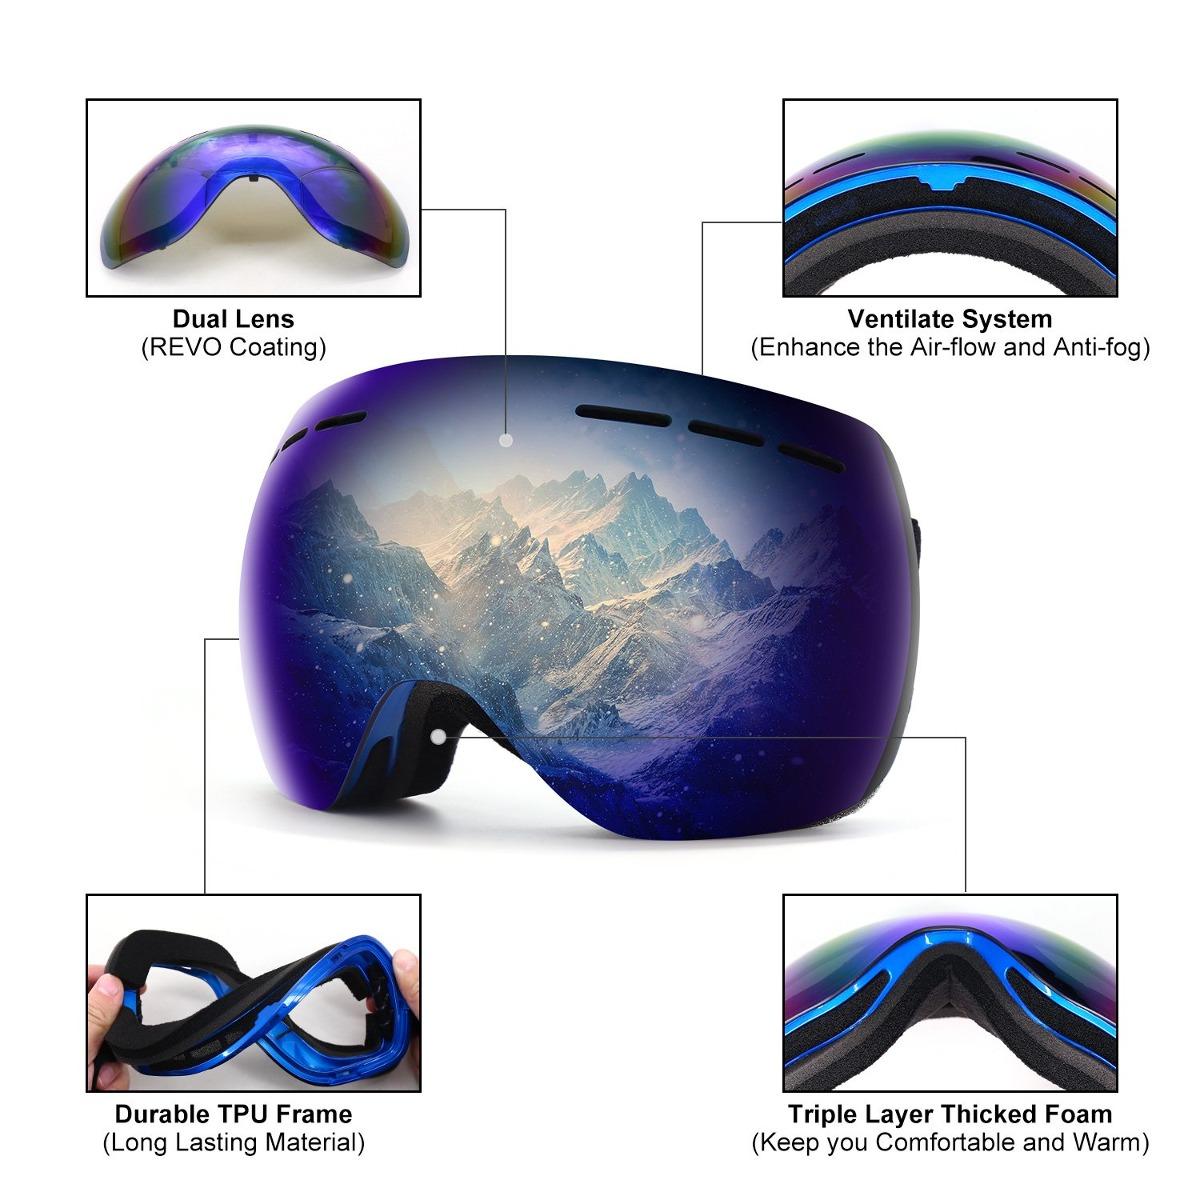 3a70cdcb1b Argus Le Otg Gafas De Snowboard Para Esquiar Gafas De Depor ...